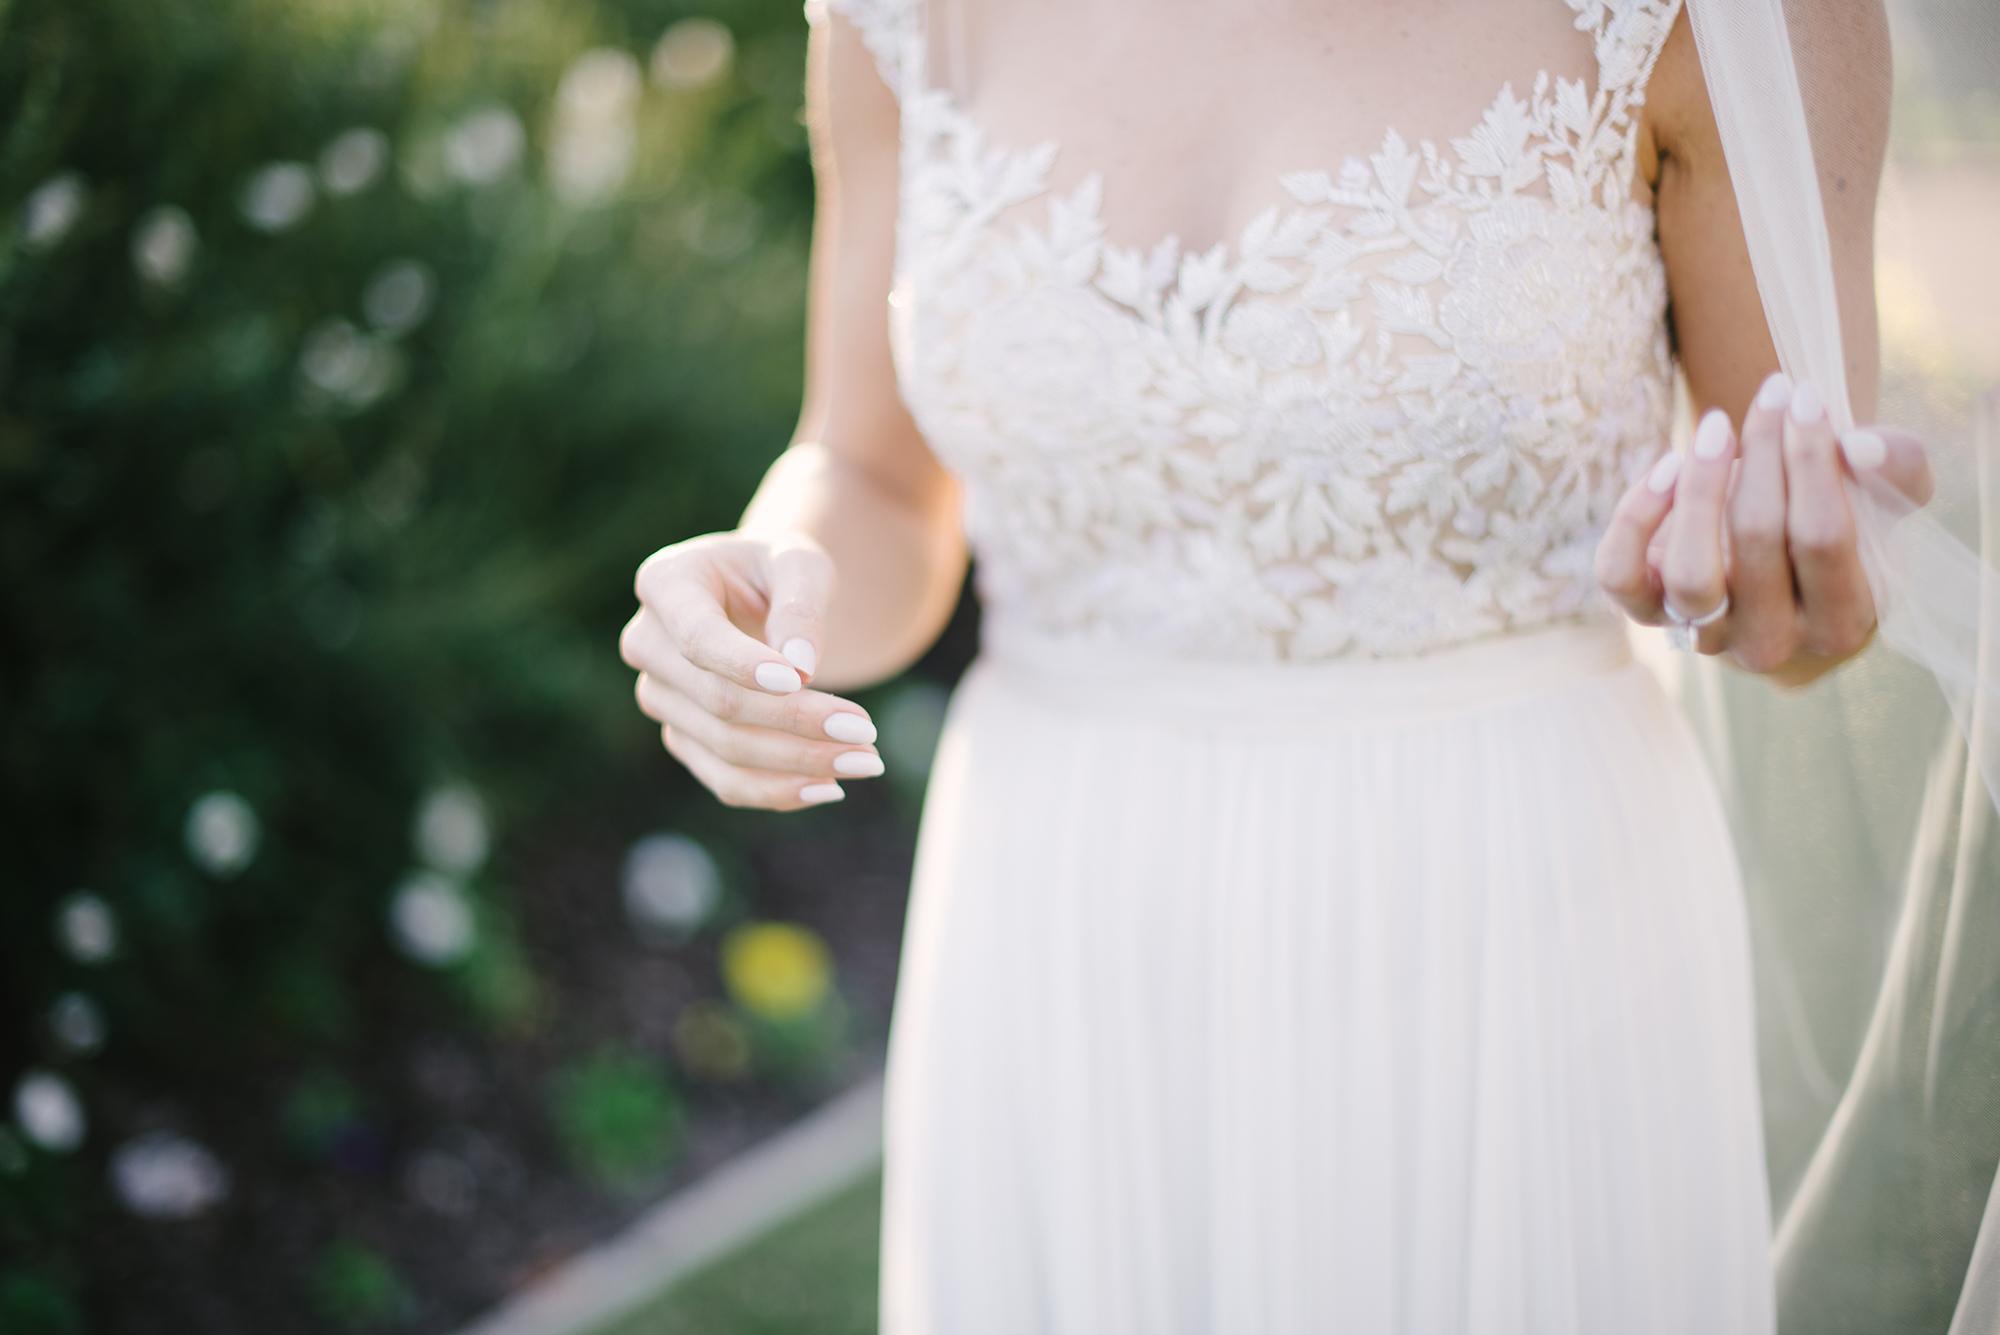 Reem-Acra-Bride-Garden-Bridal-Inspiration-31.jpg